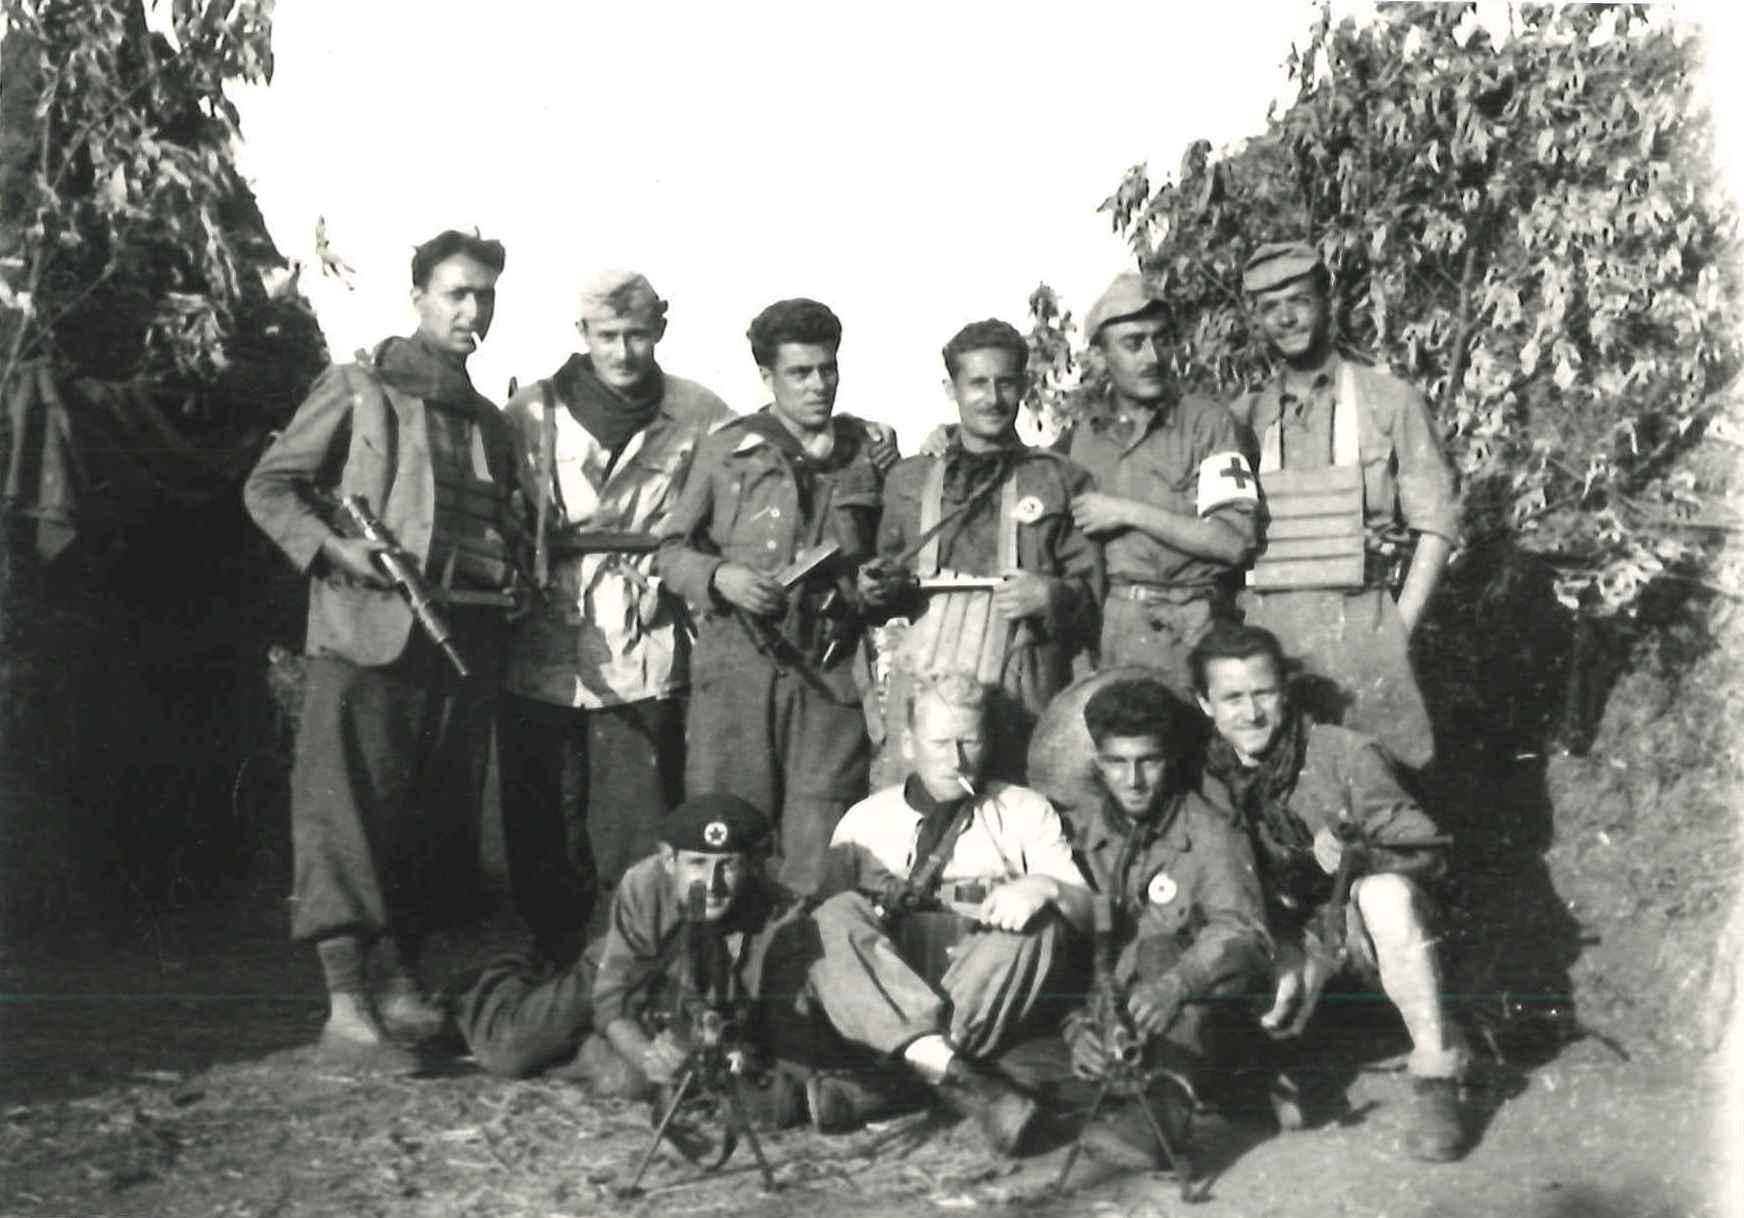 Gracci – in alto a destra – con altri partigiani della Brigata Sinigaglia a Monte Scalari, estate 1944